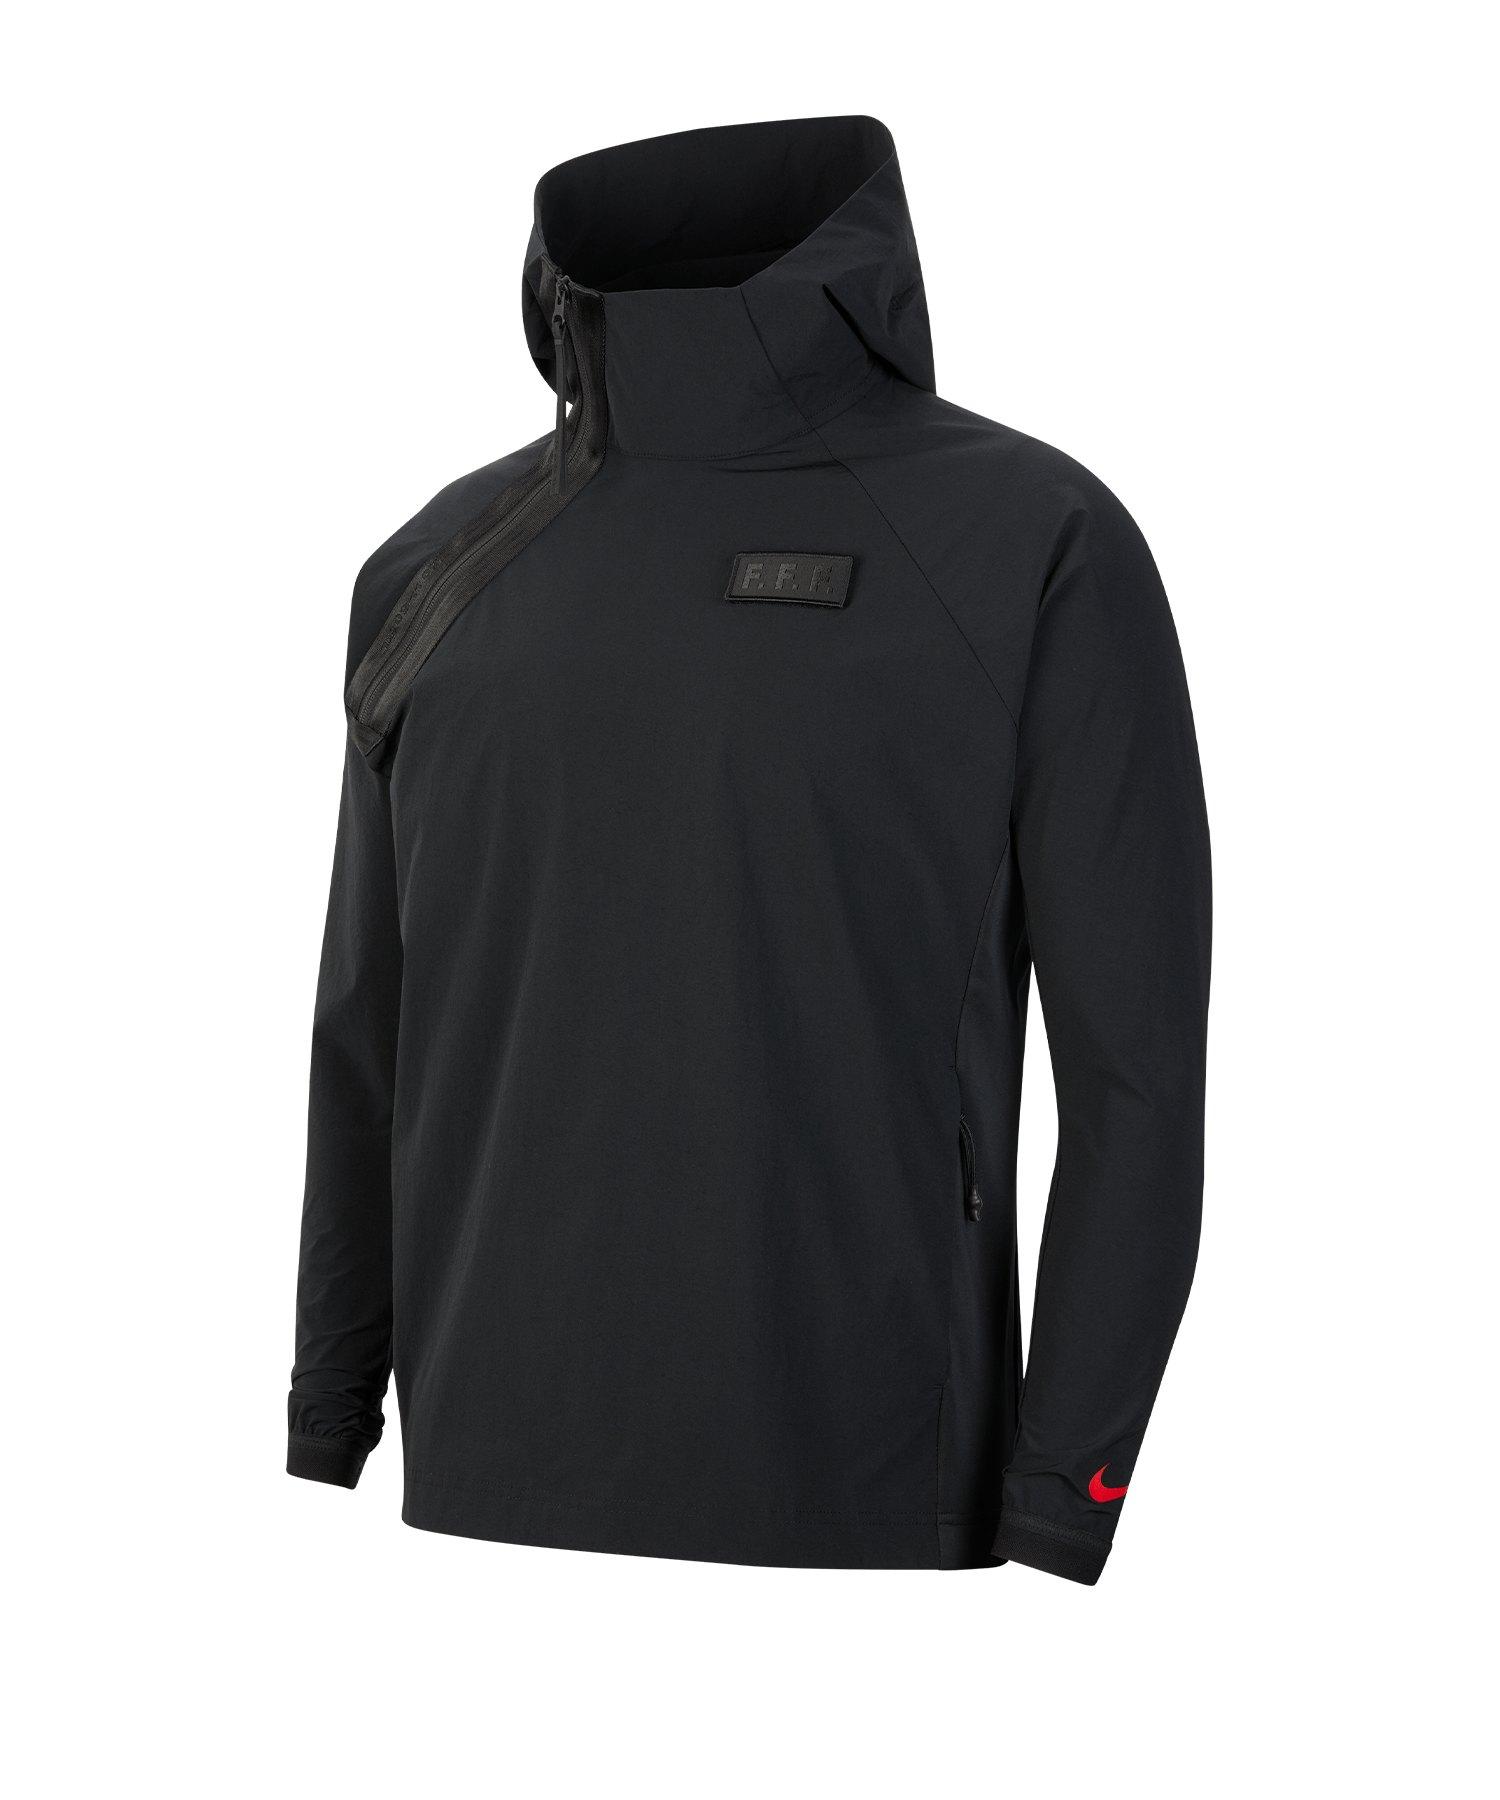 Nike Frankreich Woven Tech Pack Jacke F010 - schwarz